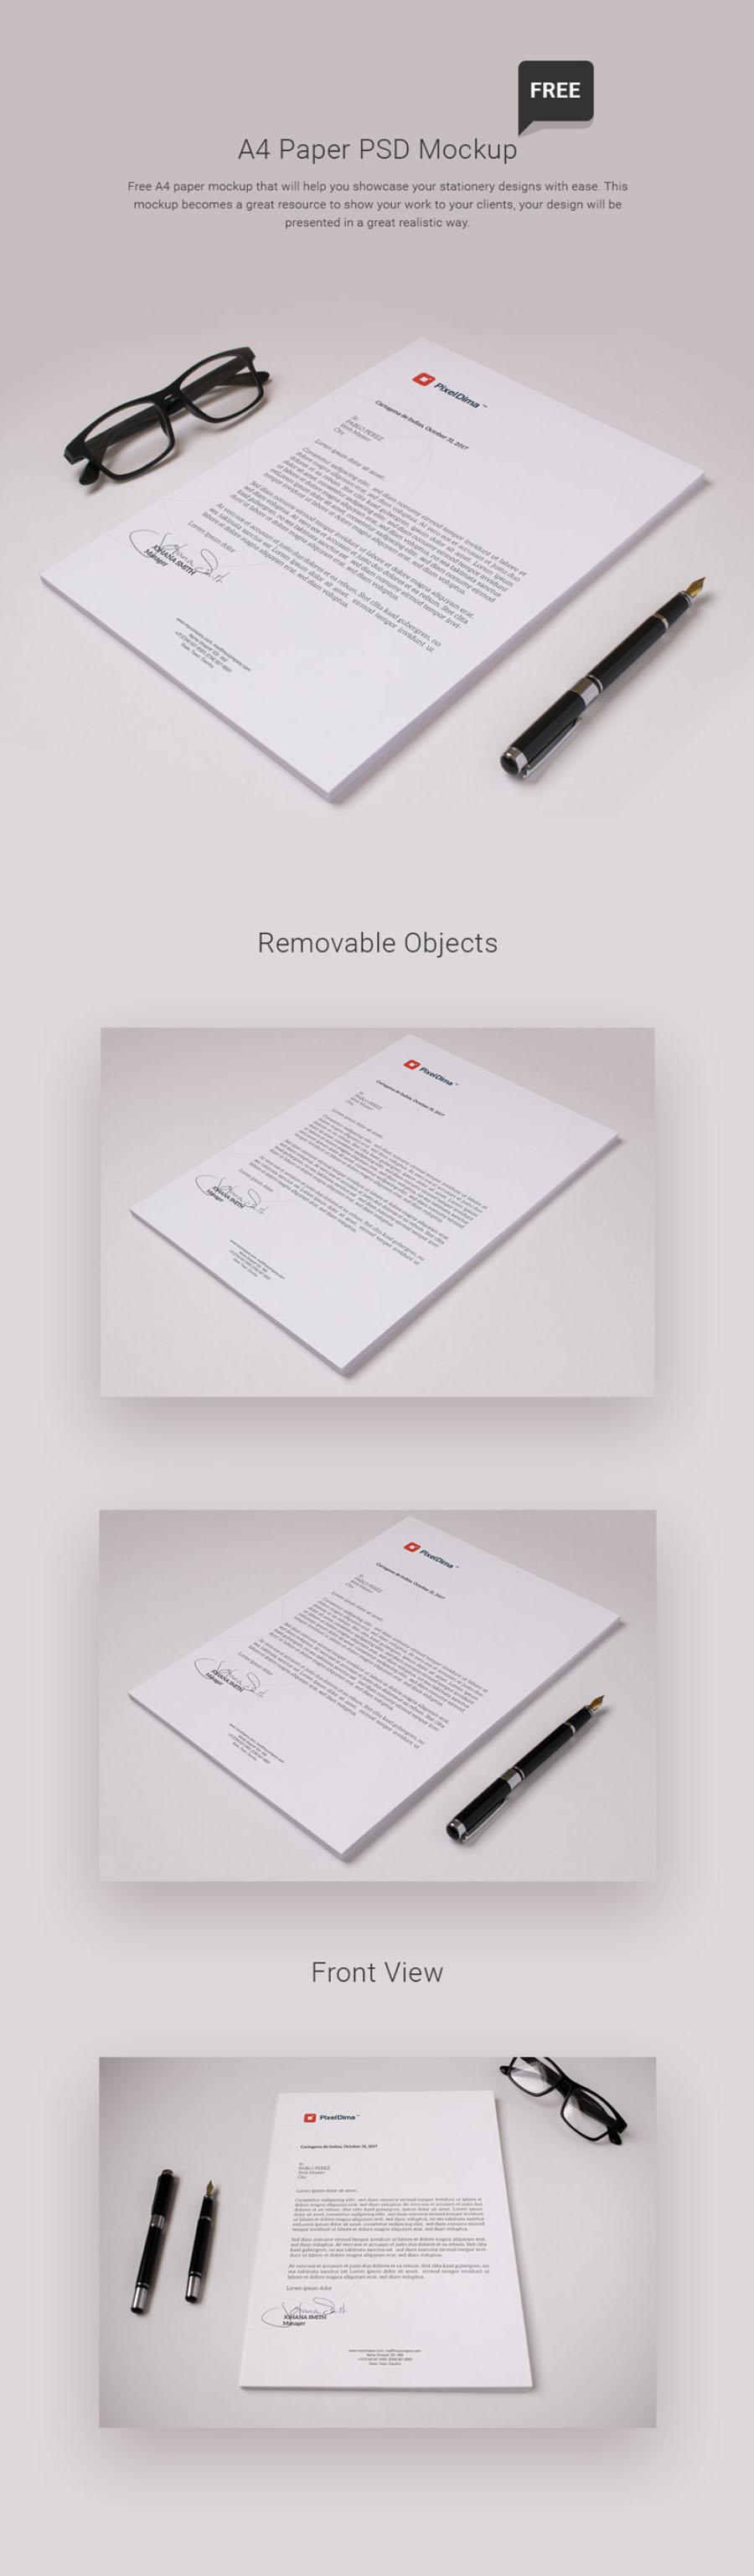 무료 A4 서류 목업 Free A4 Paper PSD Mockup